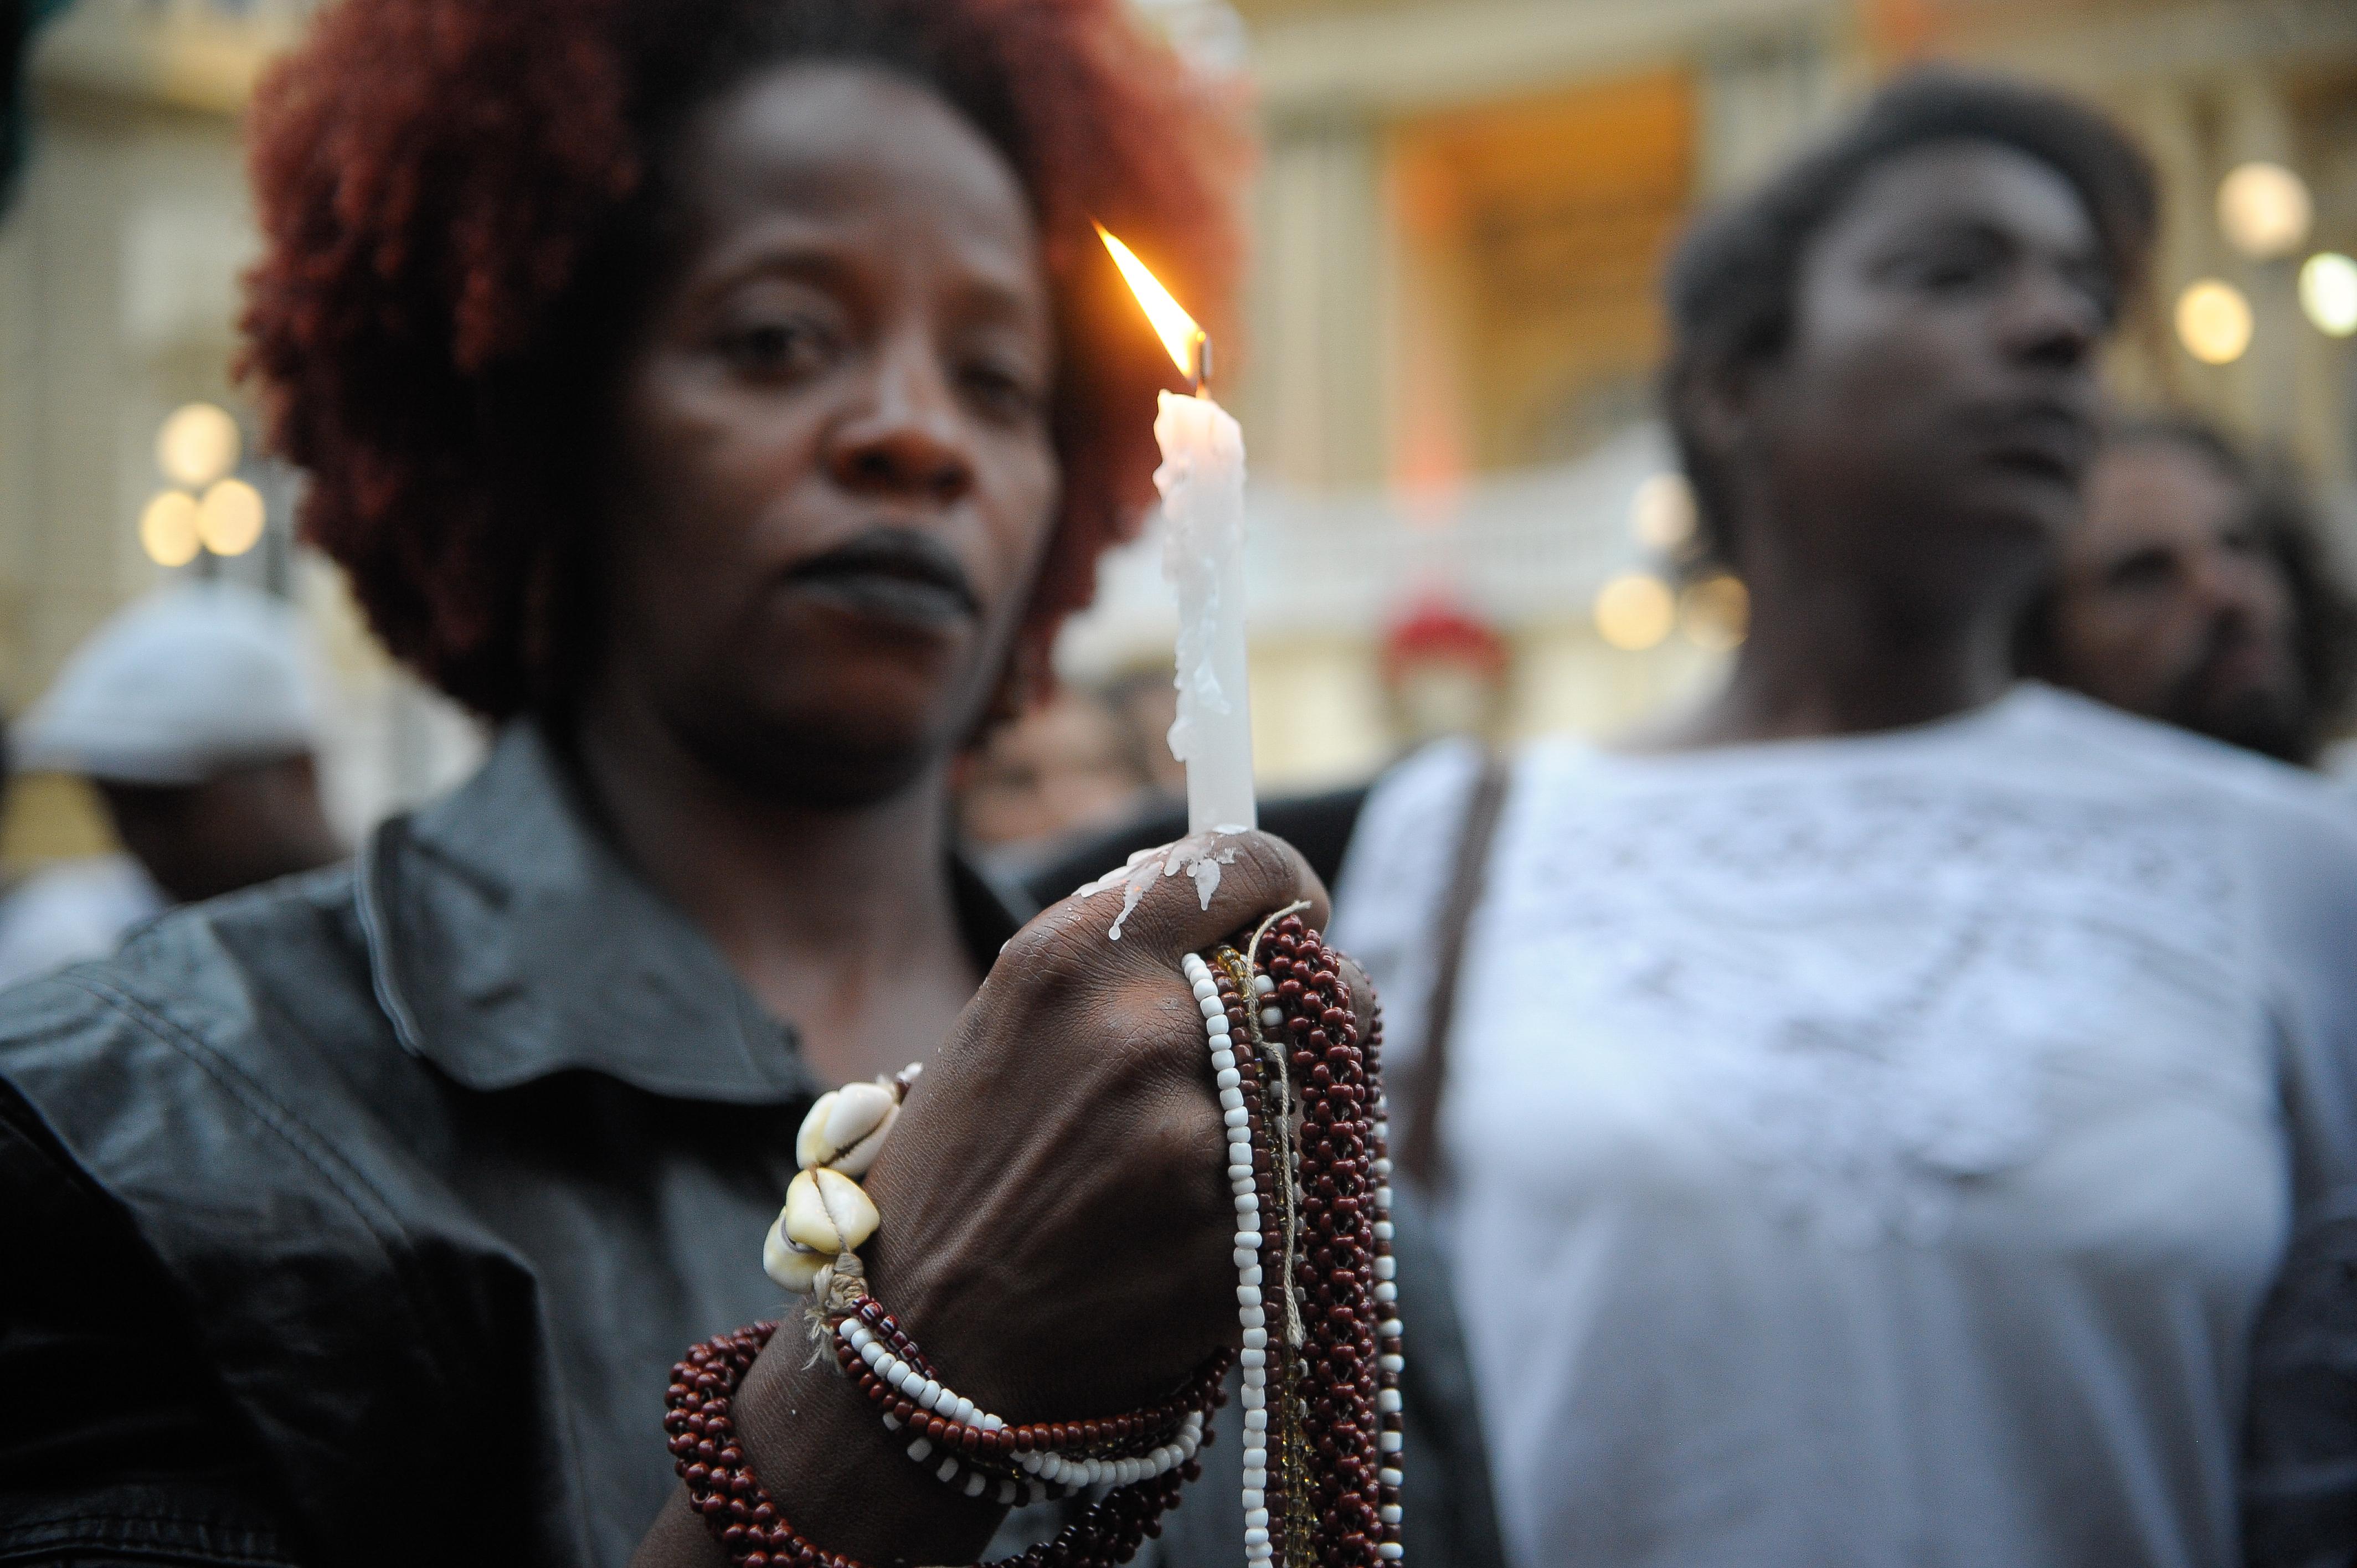 Pesquisa aponta alto número de jovens negros assassinados como reflexo das políticas de exclusão no processo de segregação urbana